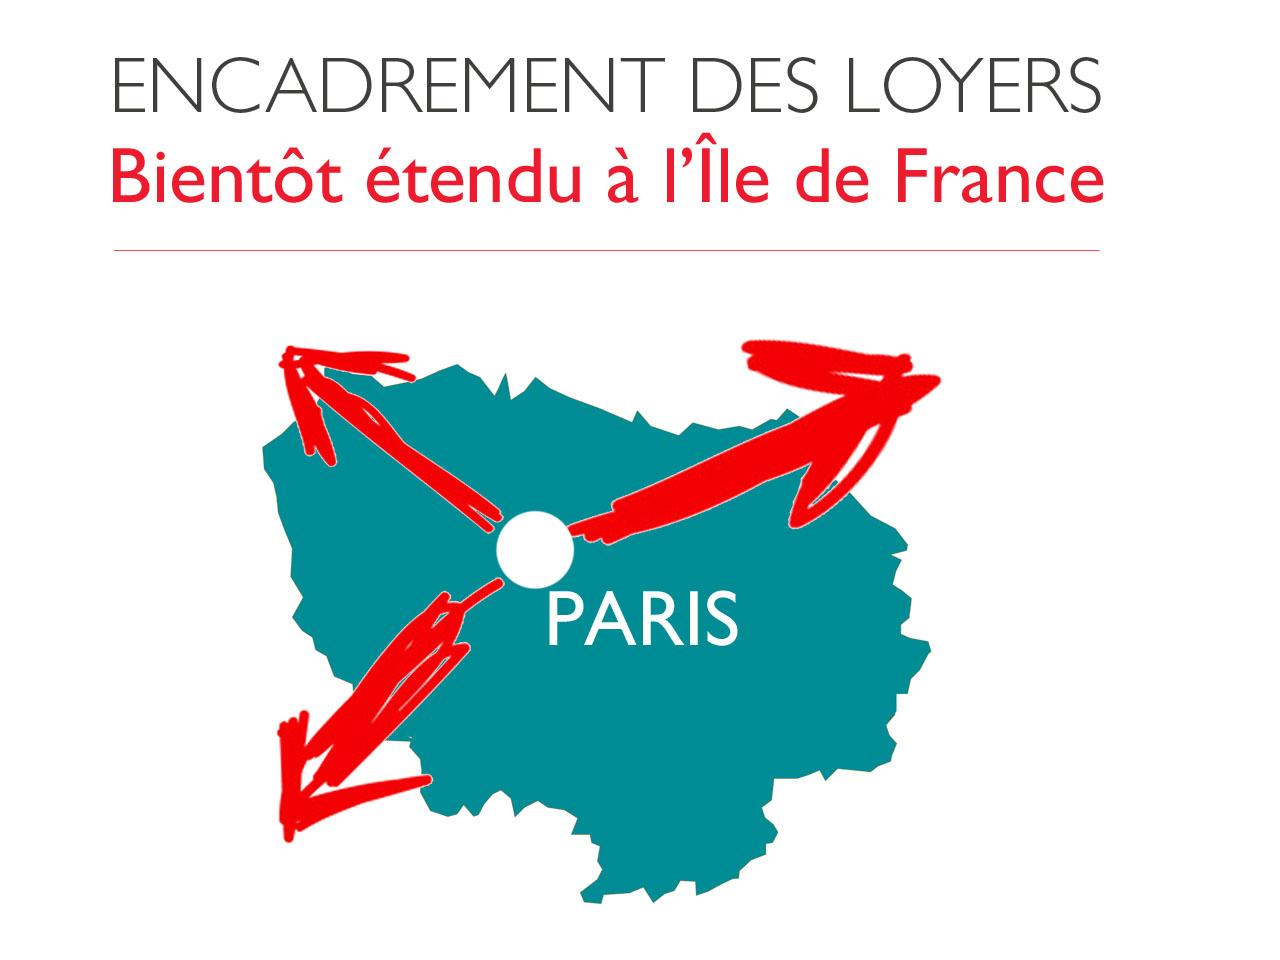 L'encadrement des loyers pourrait s'étendre à la région parisienne